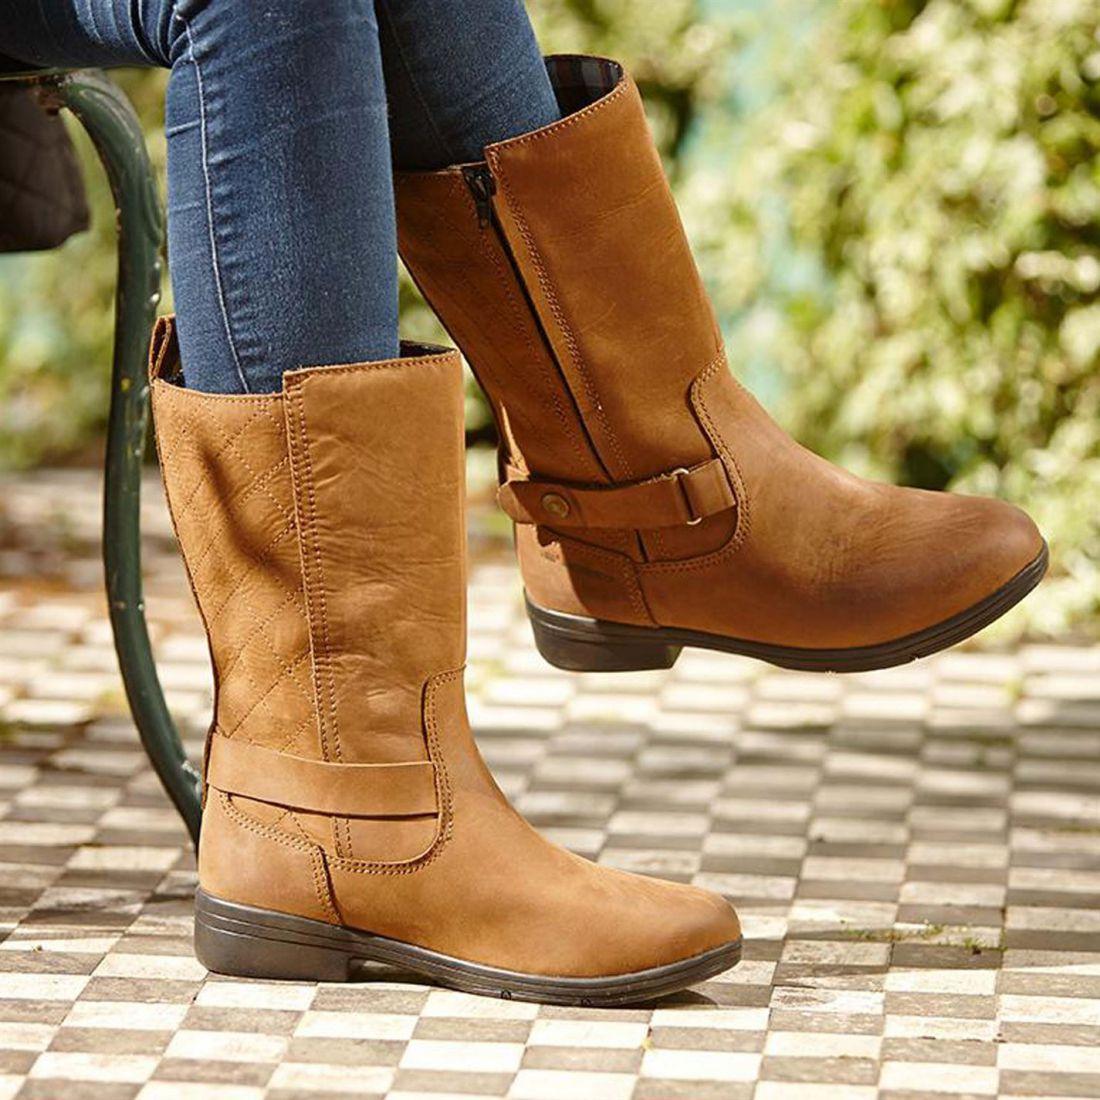 Dublin Cherwell Mid bota botas de país señoras de cremallera cremallera cremallera repelente al agua bajos Ventilado  comprar nuevo barato